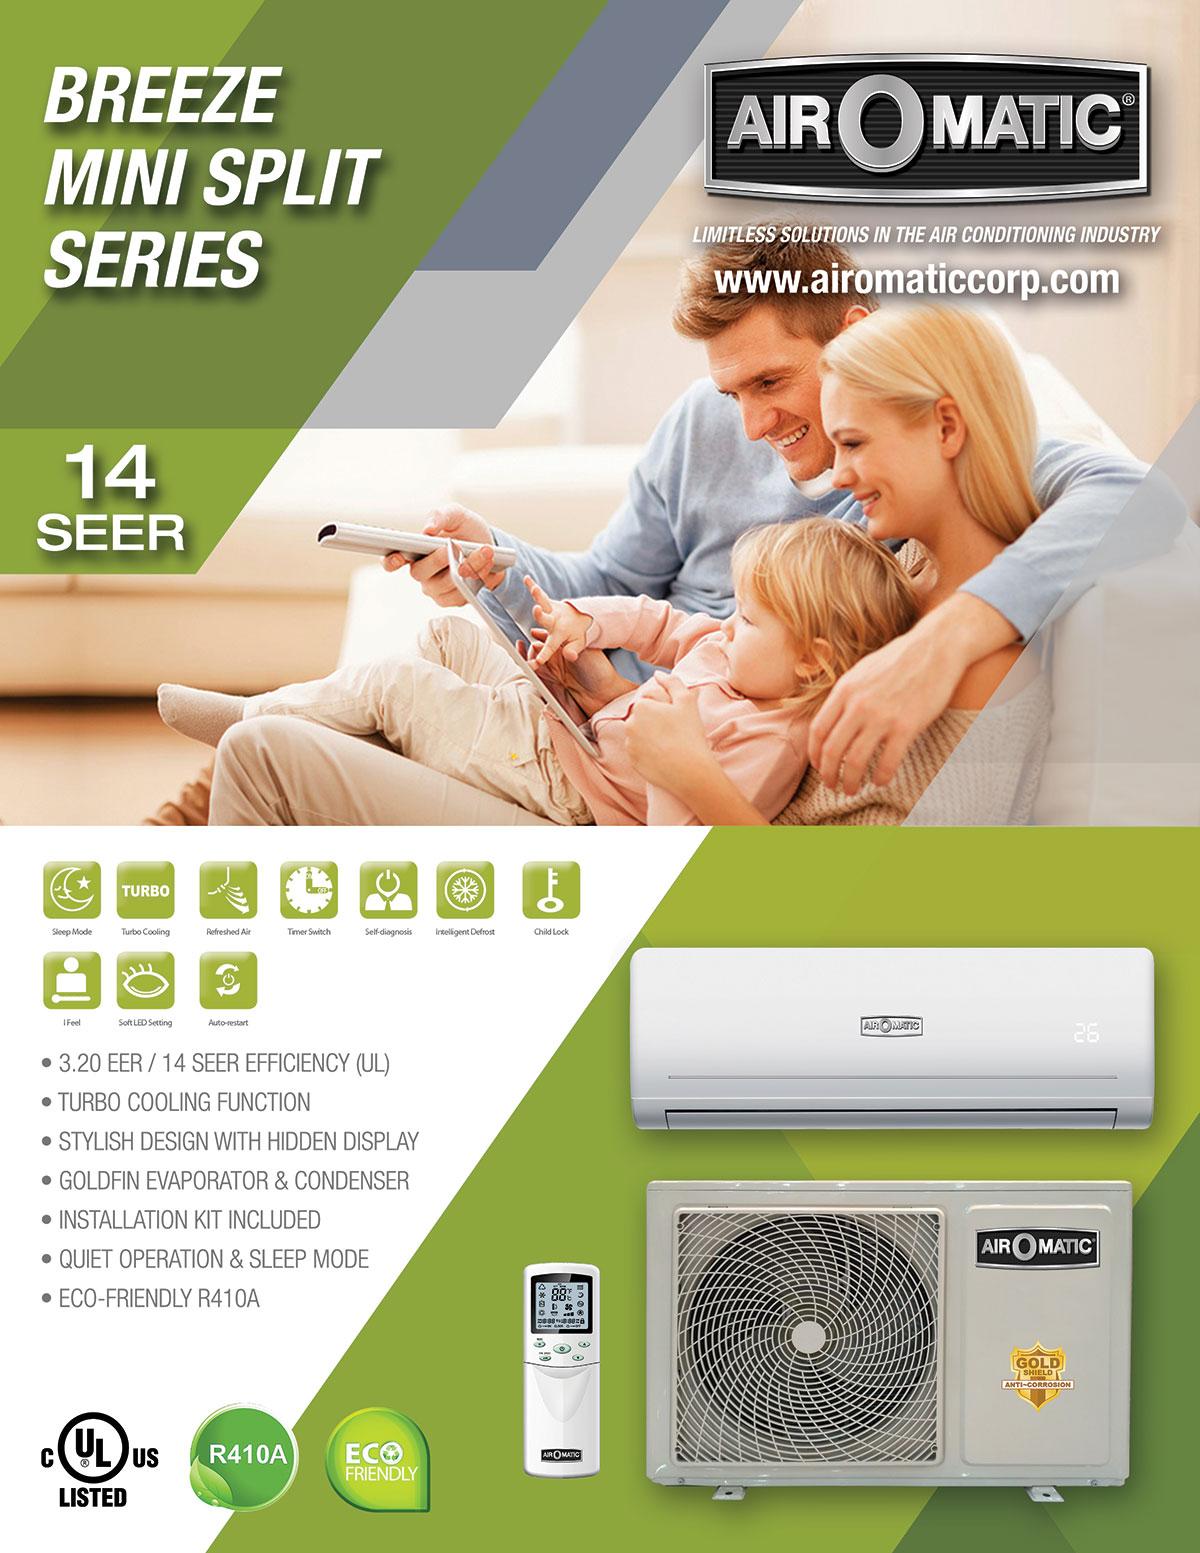 breeze-series-brochure-front